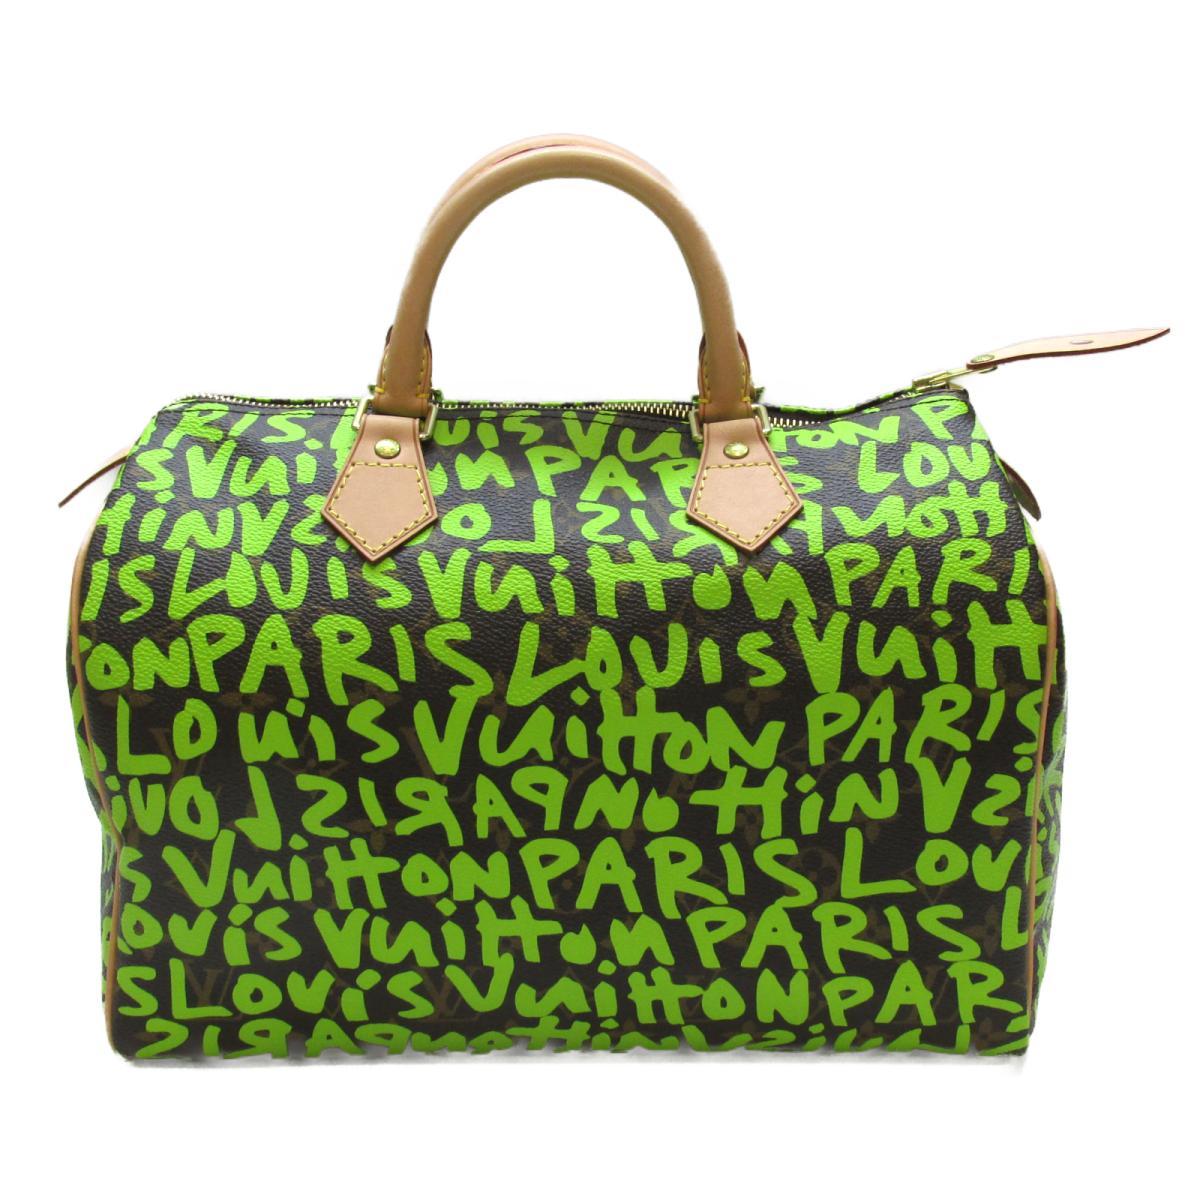 ルイヴィトン スピーディ30 ハンドバッグ バッグ レディース モノグラムグラフィティ ヴェールxブラウン (M93706) 【中古】 | ブランド